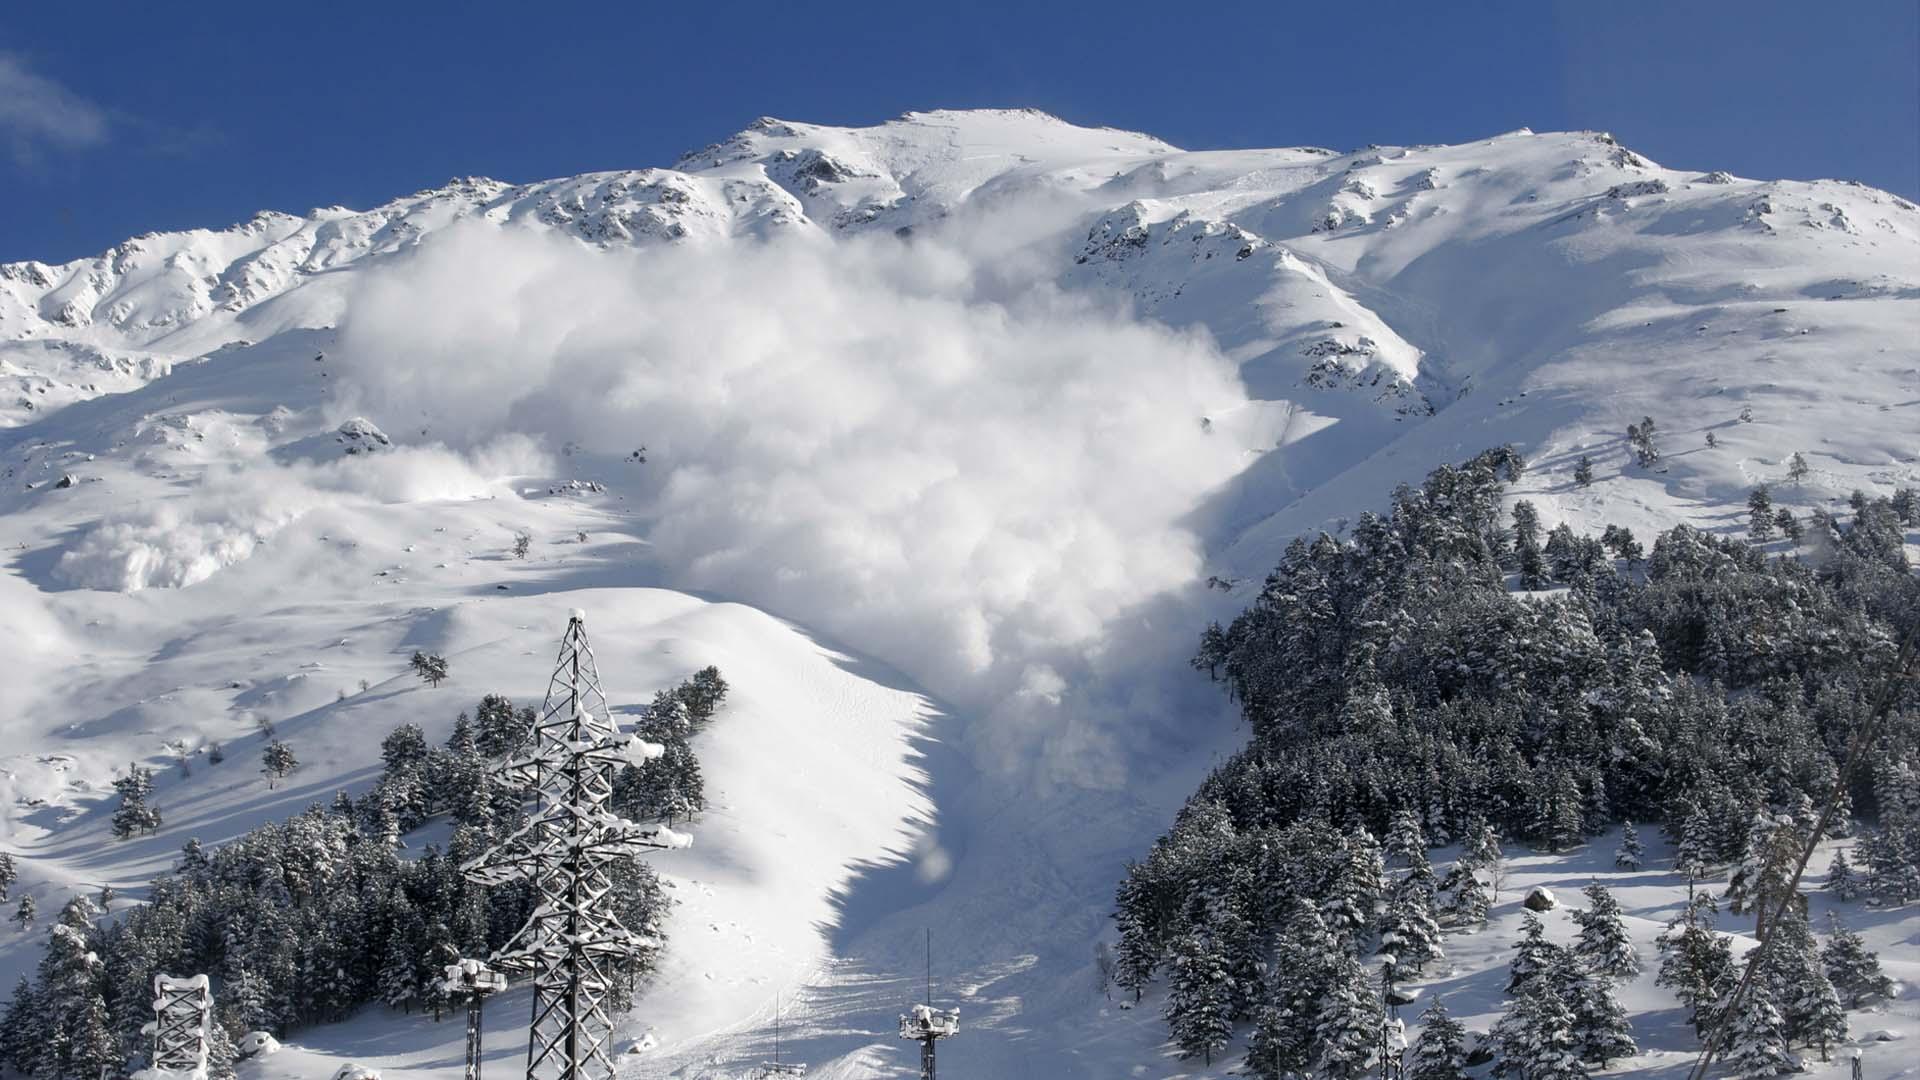 50 miembros del ejército de Francia entrenaban en los Alpes cuando la avalancha los sorprendió